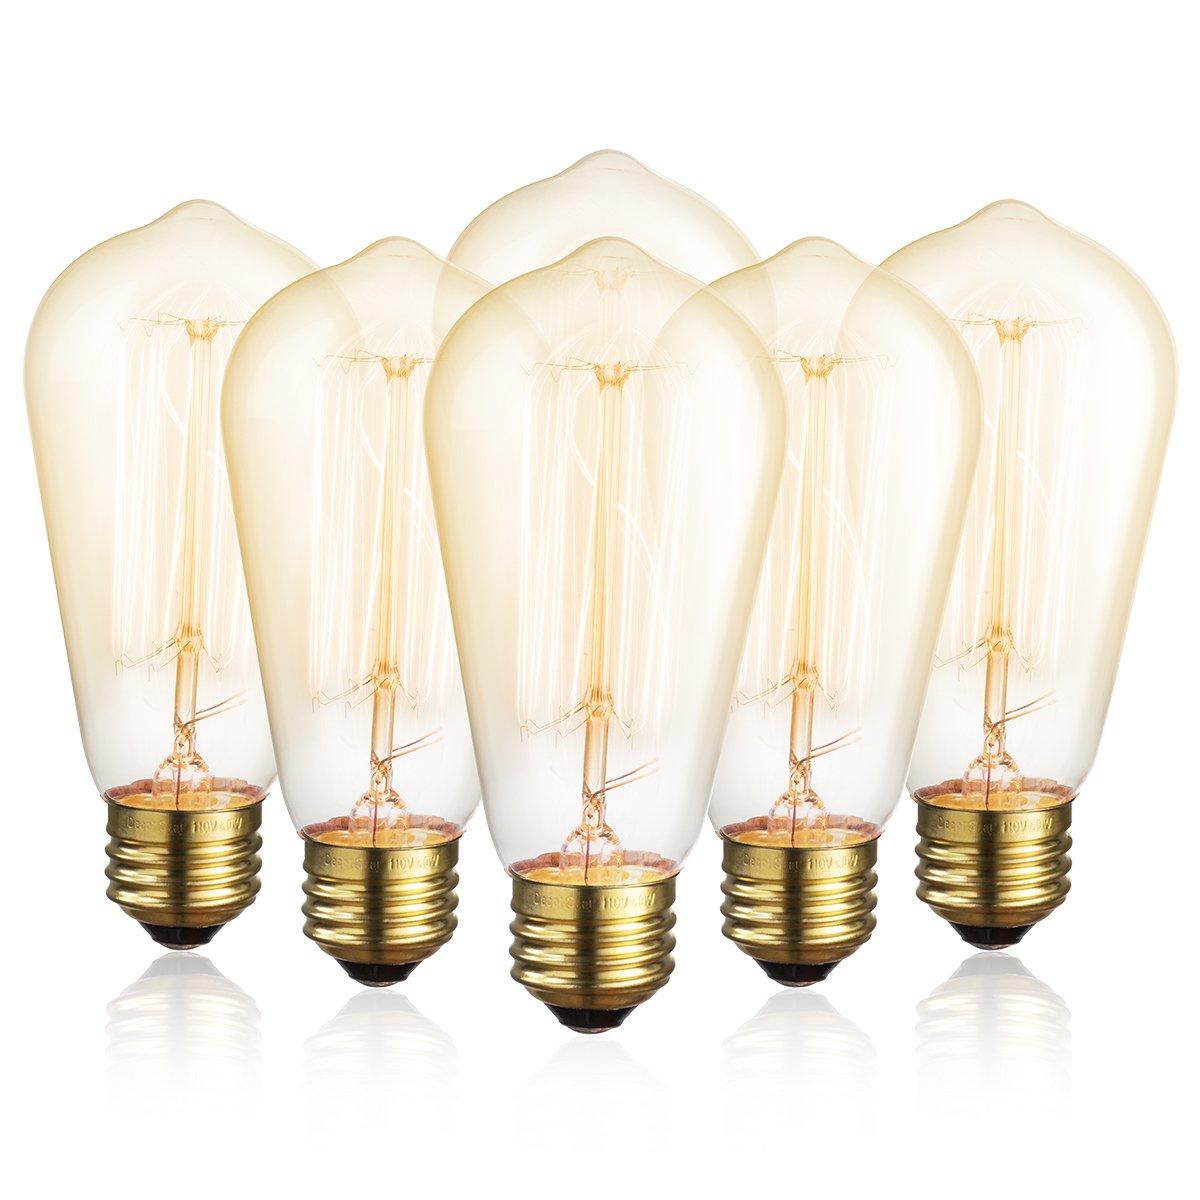 Edison Bulb DecorStar Antique Vintage Light Bulbs Dimmable 110V 60W, E26, 2200K Warm White, 230 Lumens Amber, 6 Pack